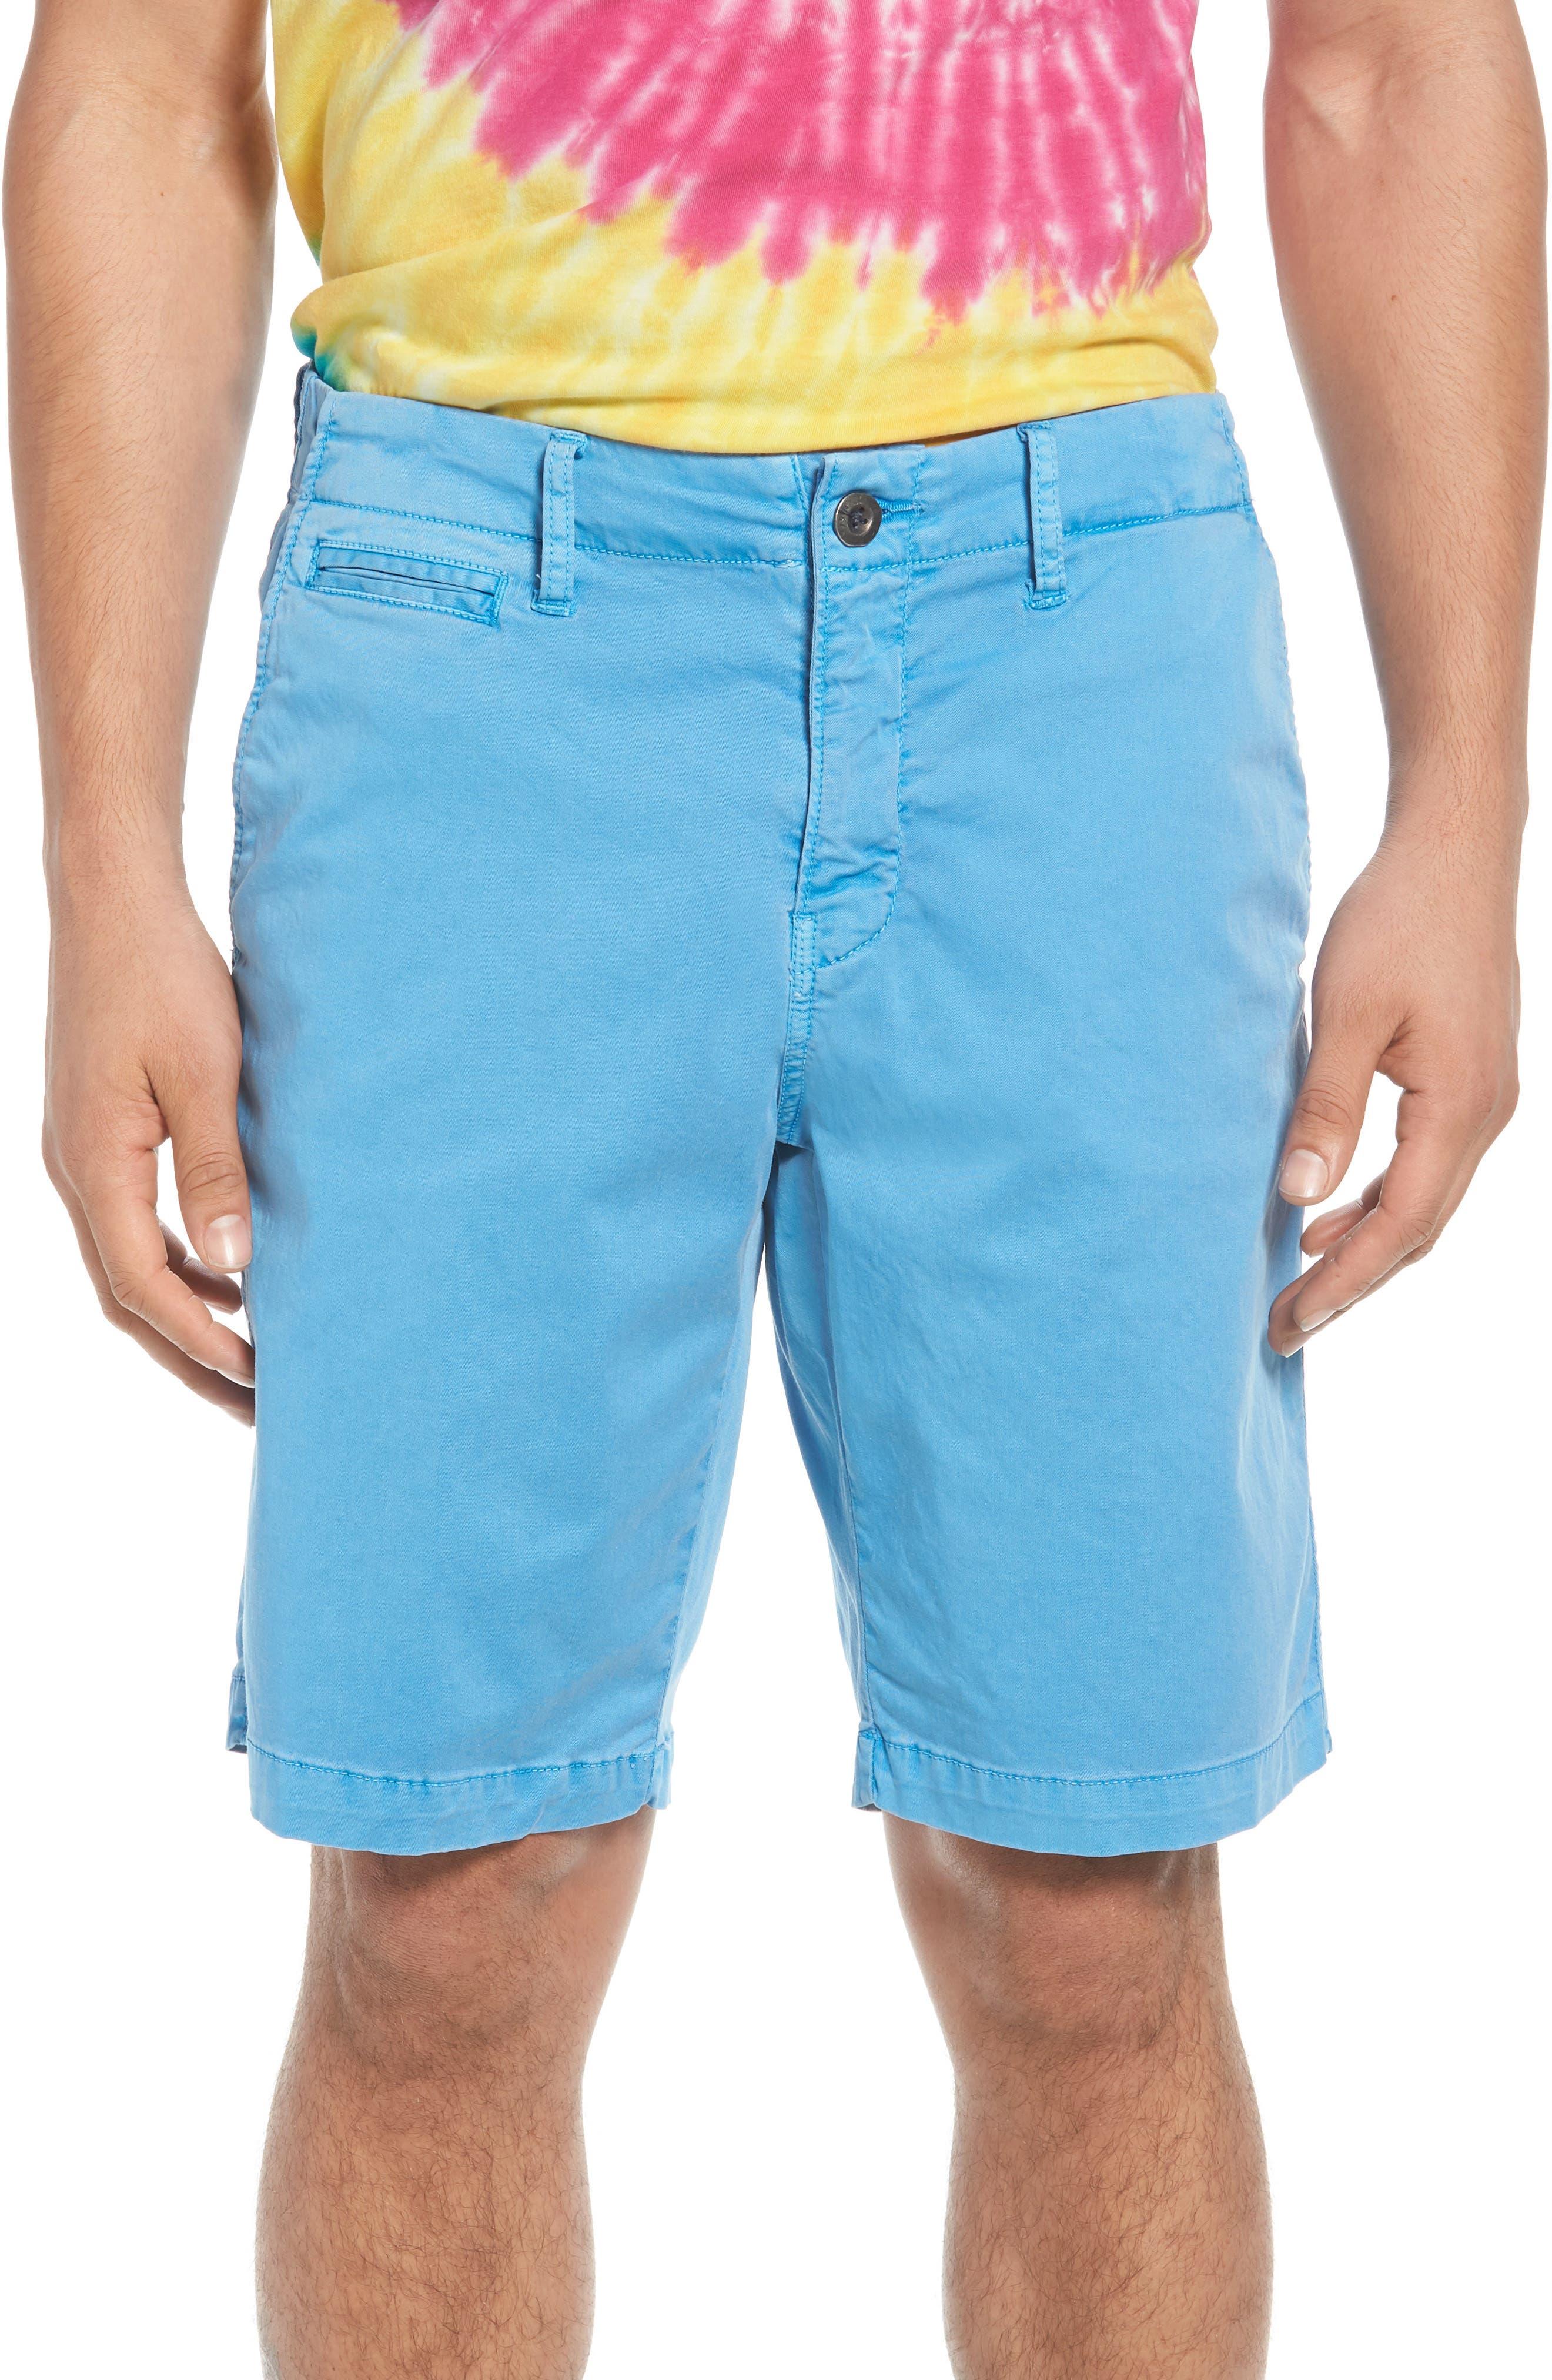 St. Barts Twill Shorts,                             Main thumbnail 8, color,